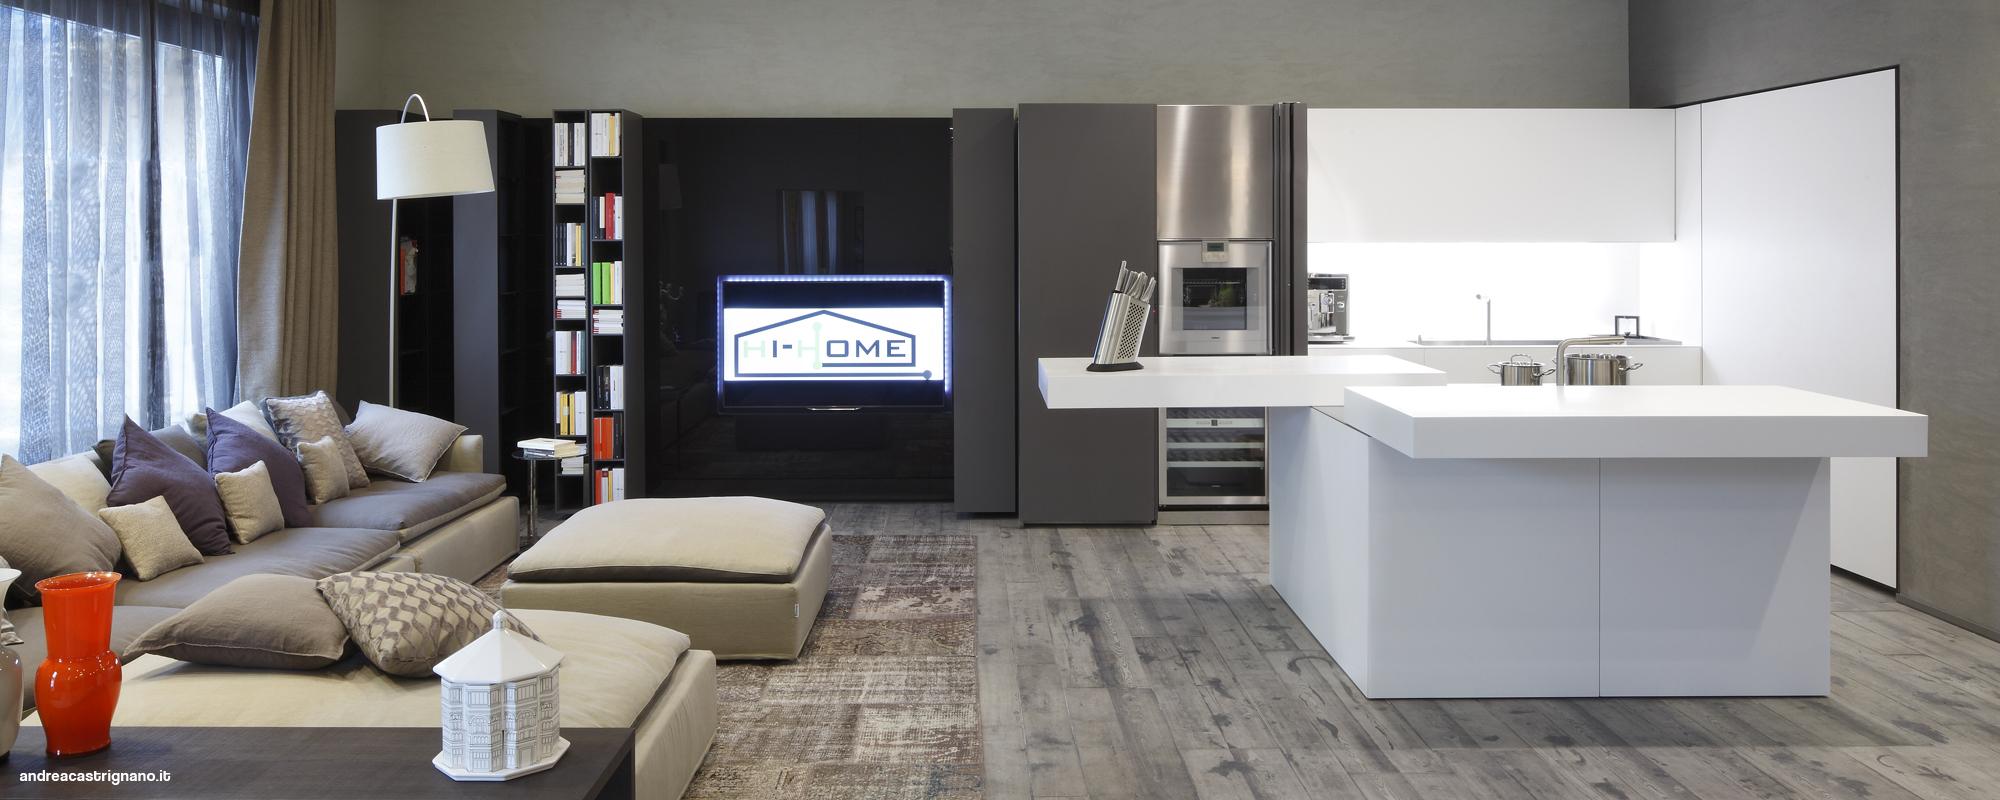 La casa del futuro andrea castrignano - Cambio casa cambio vita costi ...